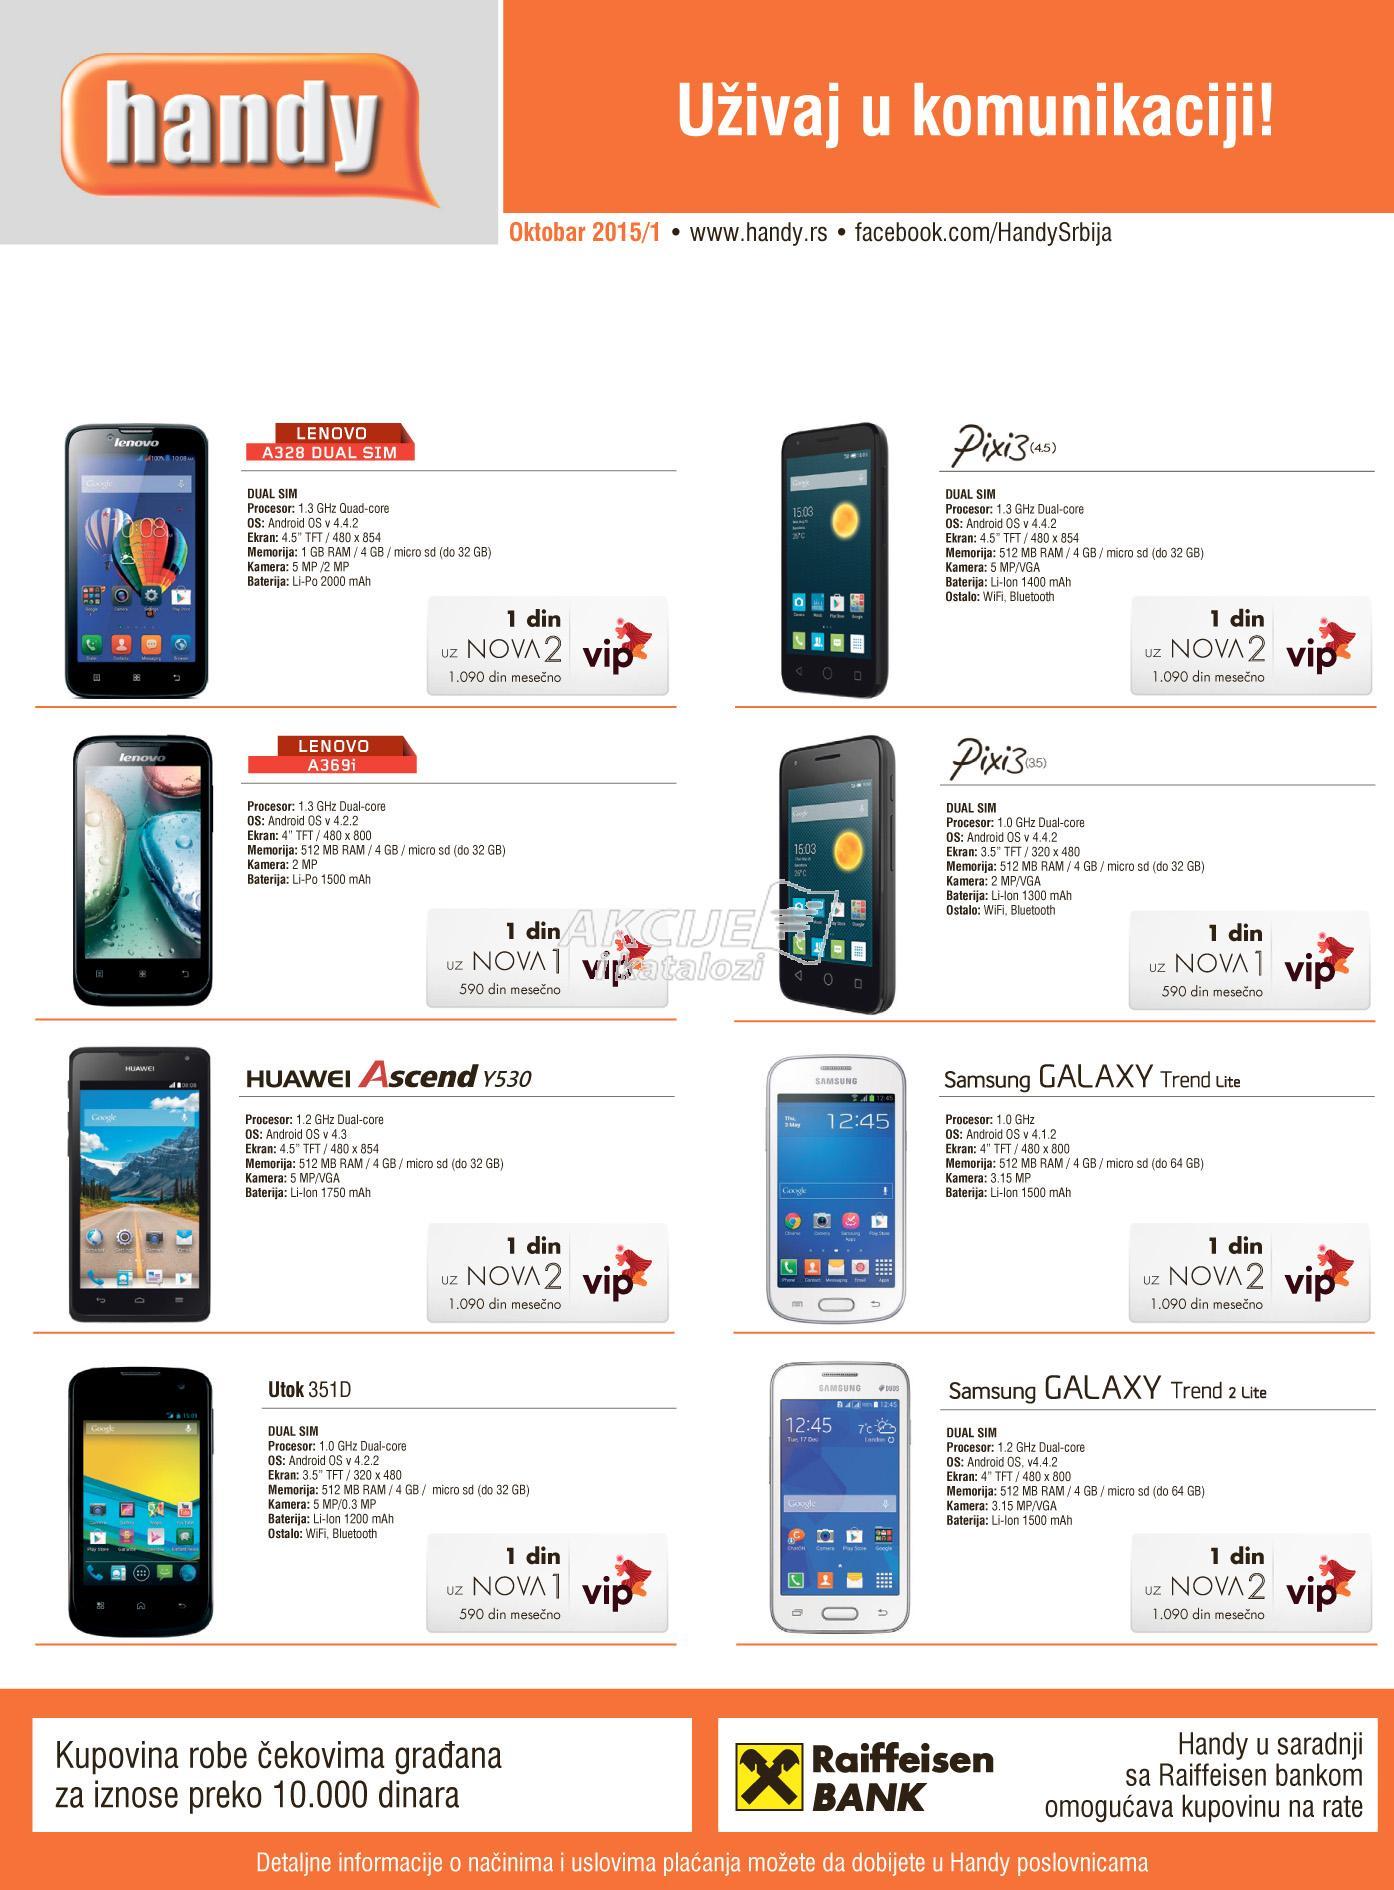 Handy - Redovna akcija super kupovine